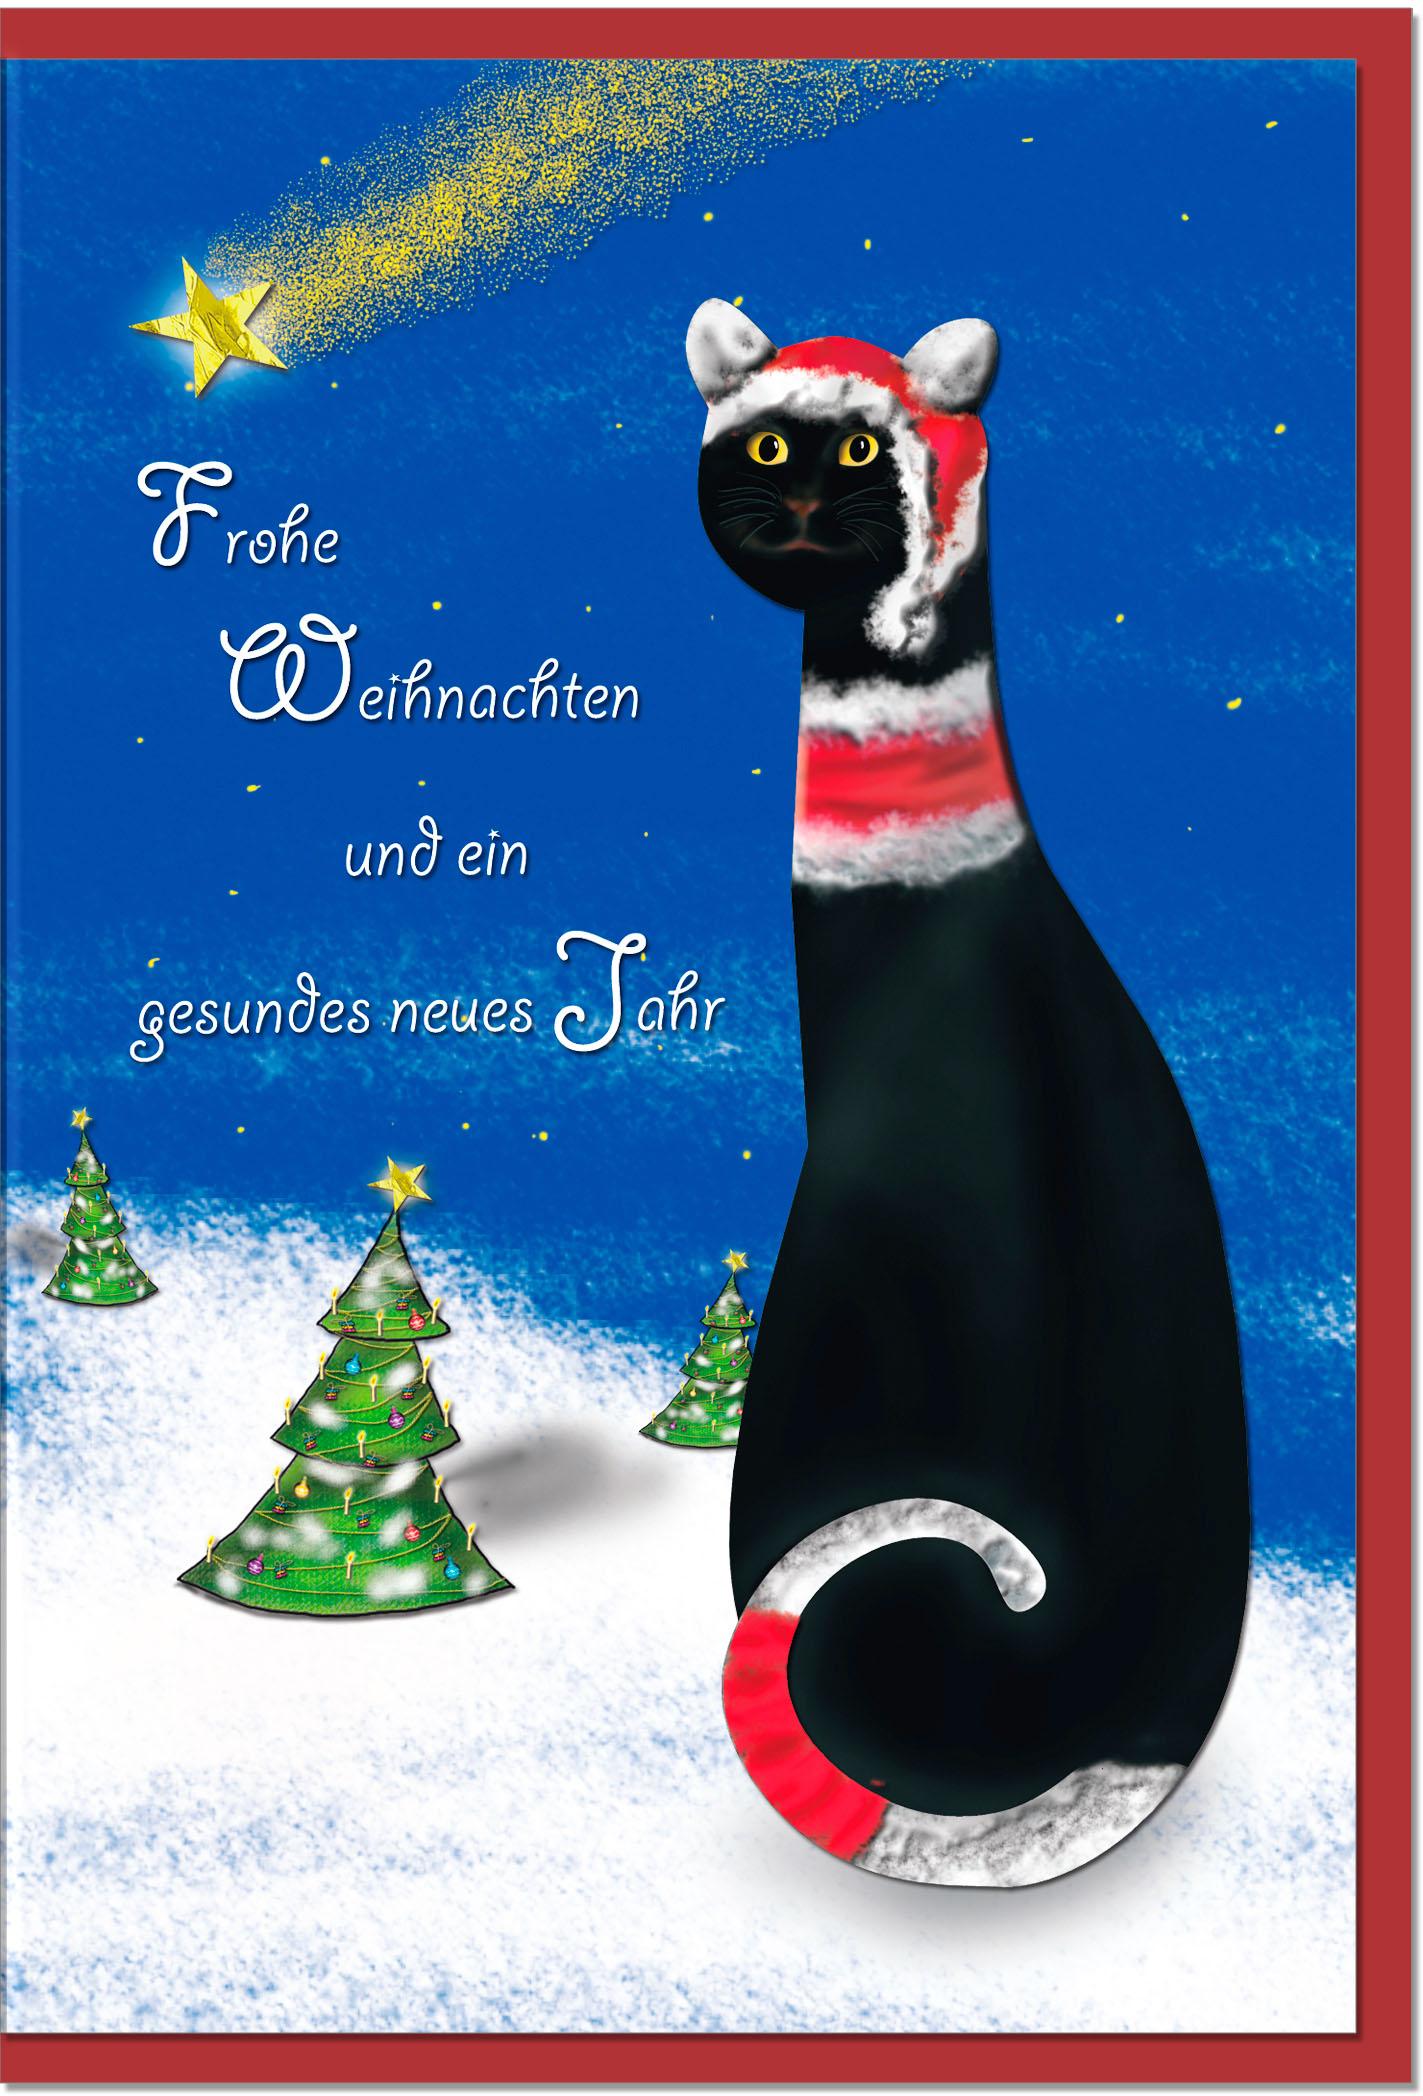 Weihnachtskarten / Grußkarten /Weihnachten Weihnachtliche Katze